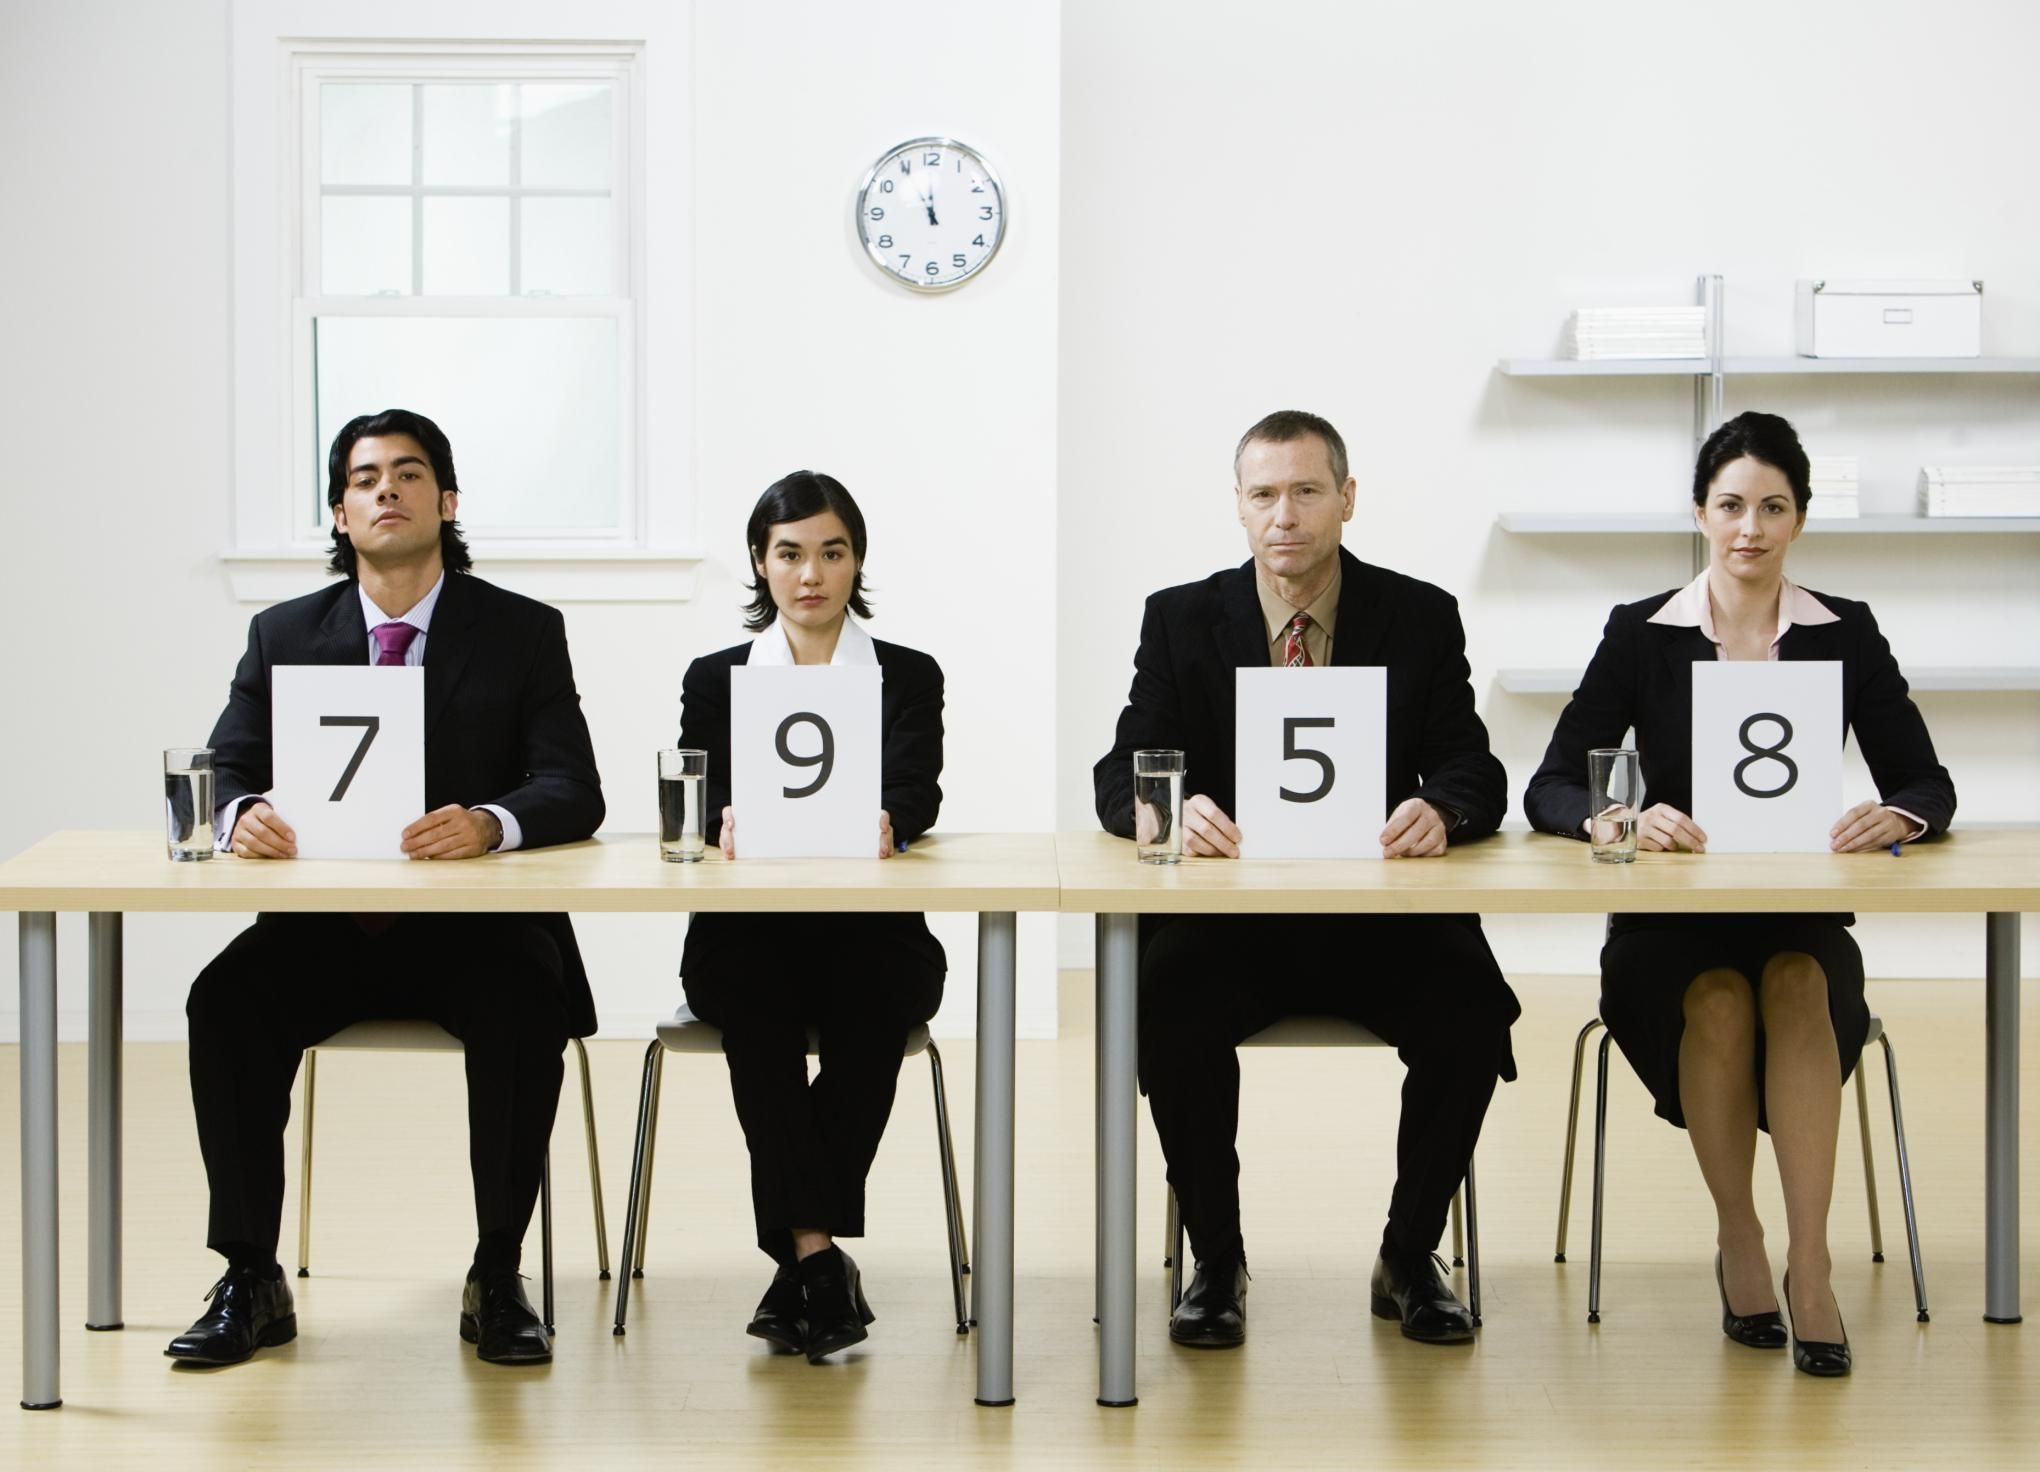 Деловая оценка персонала